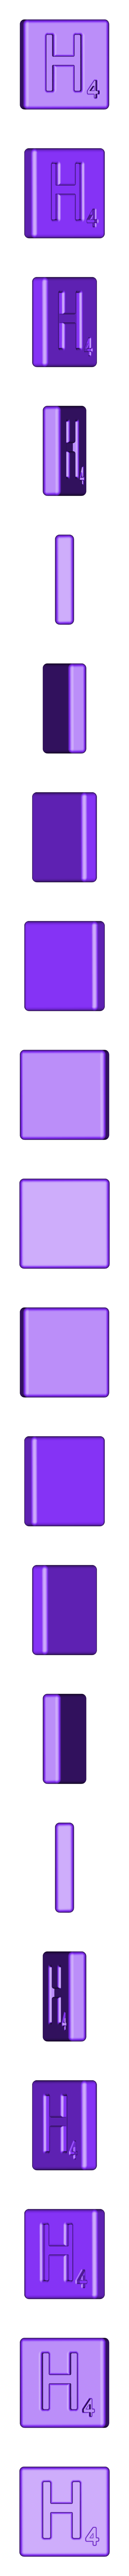 Single_Cut_H.STL Télécharger fichier STL gratuit Pièces et support SCRABBBLE • Design pour imprimante 3D, Balkhagal4D